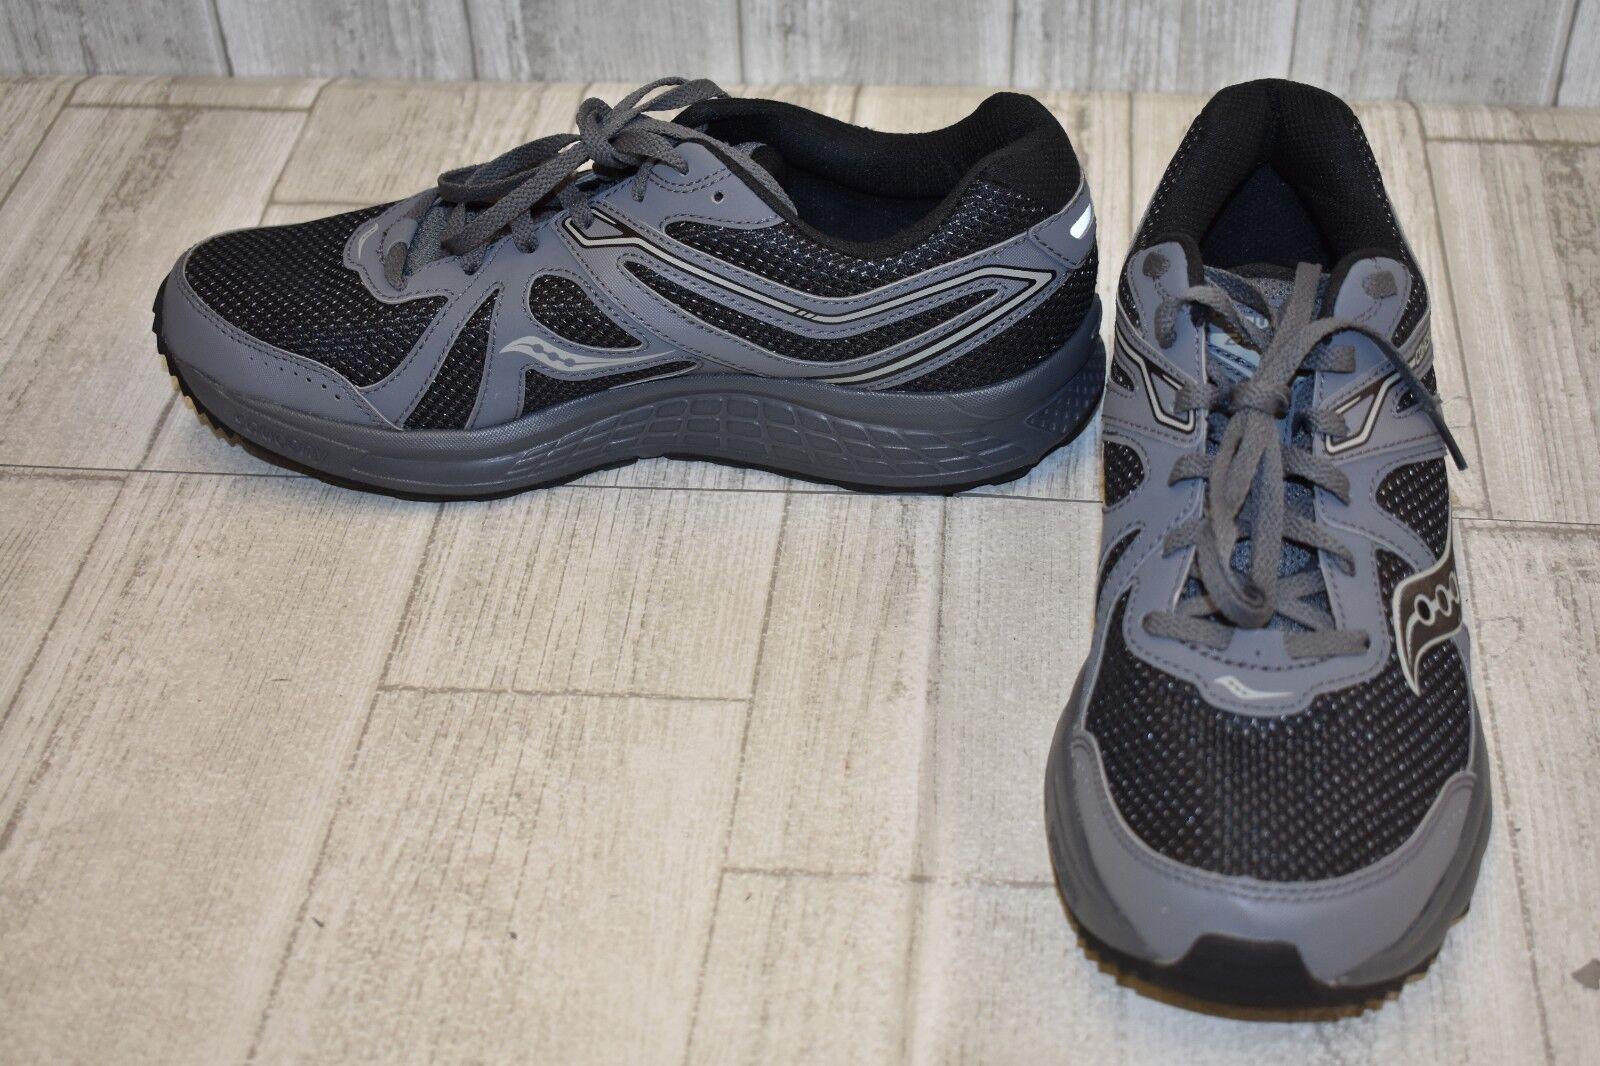 Saucony Grid cohesión 11 Calzado para Correr-Para Hombres Carbón Negro